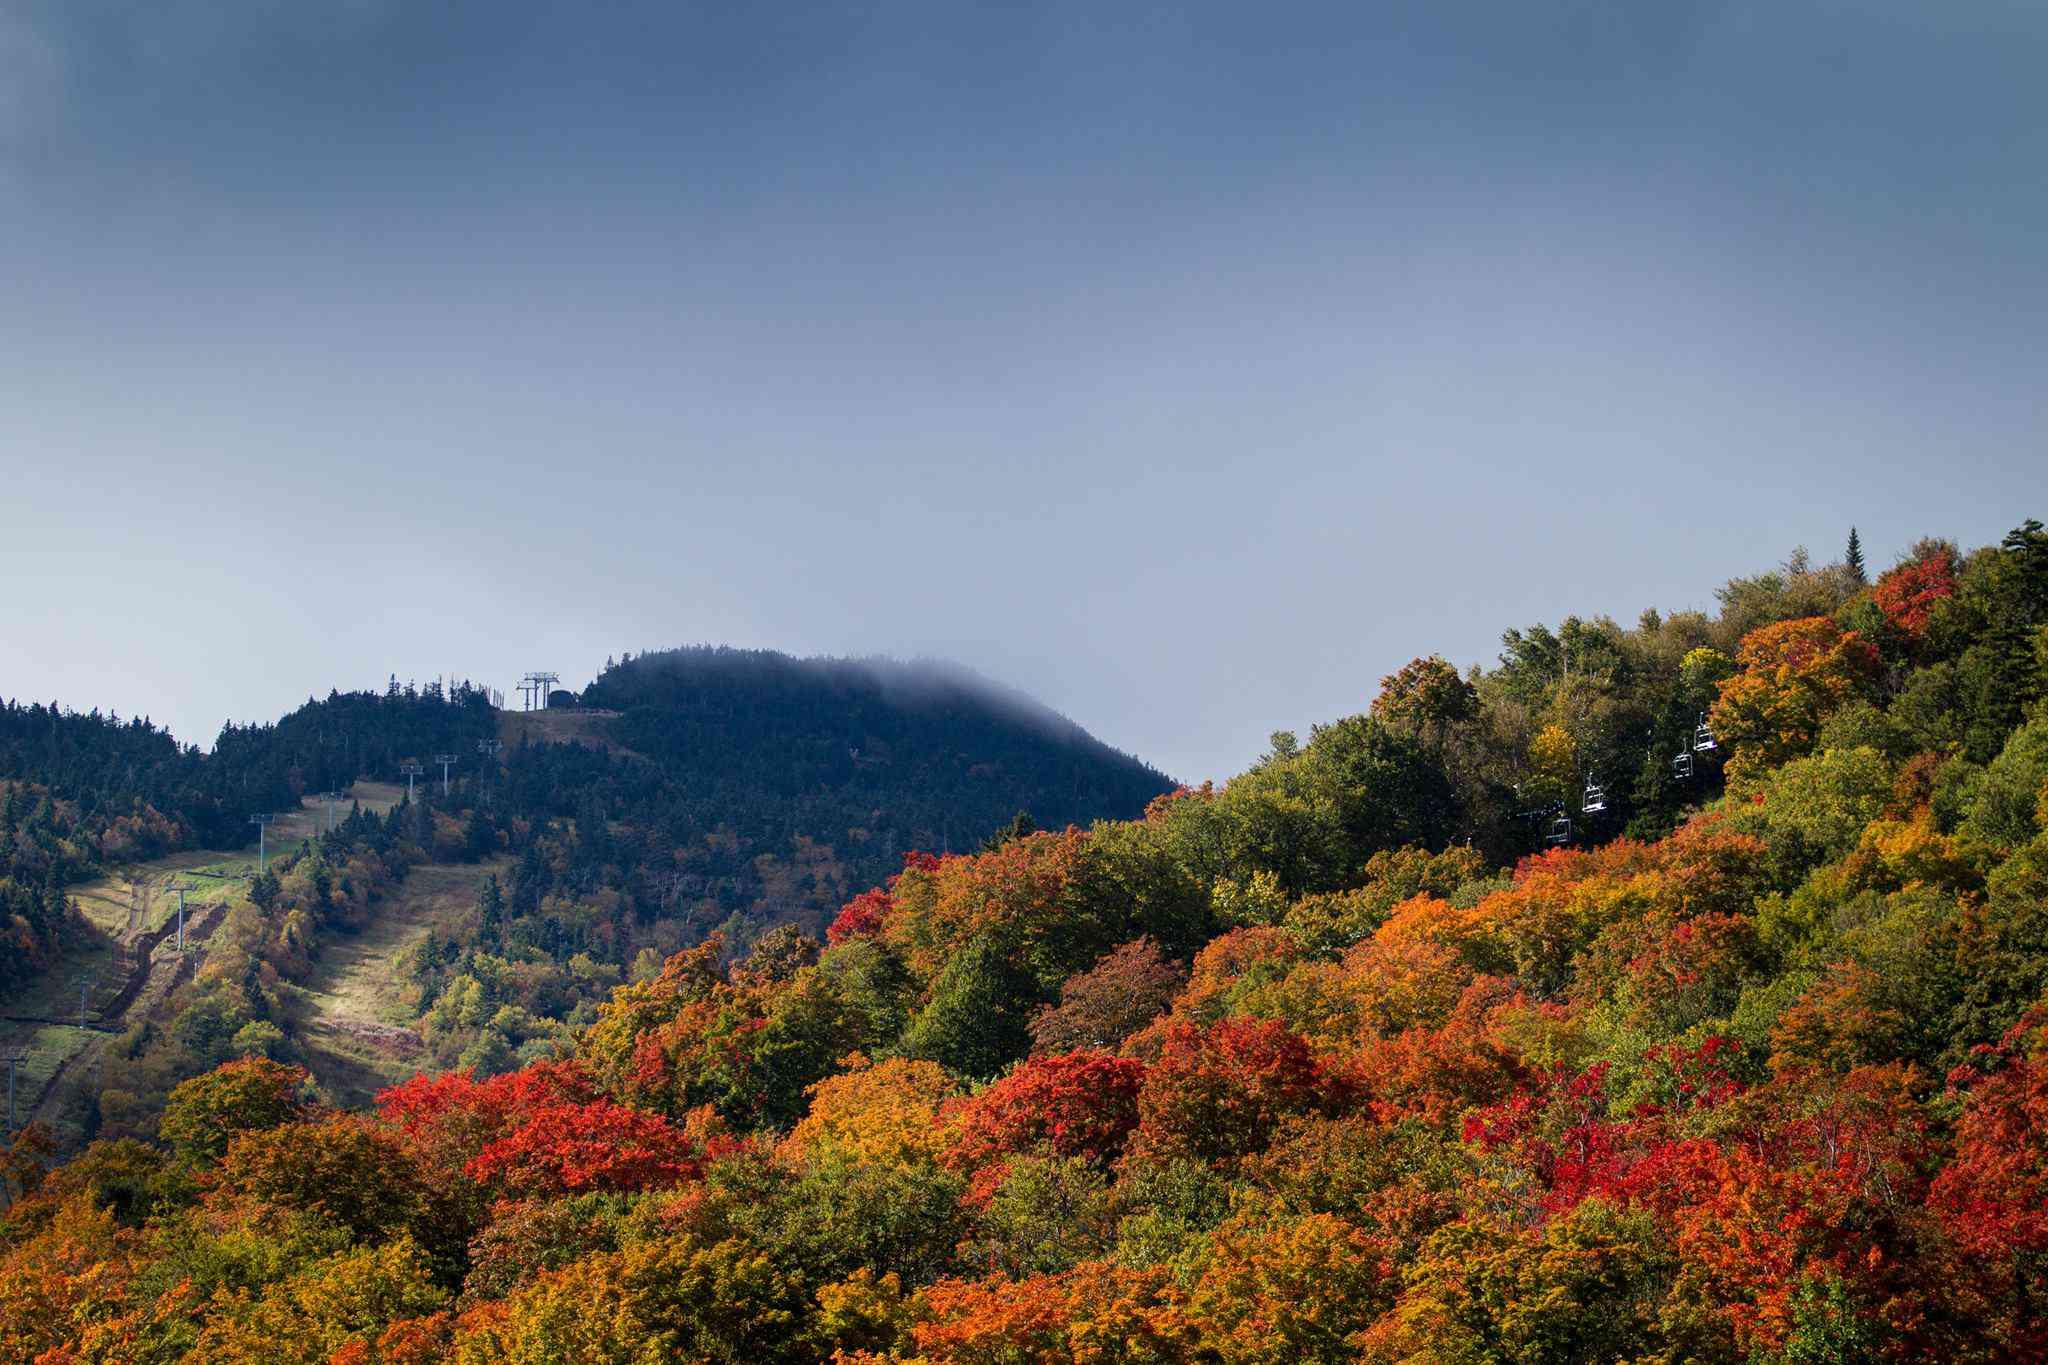 Autumn trees on a ski slope